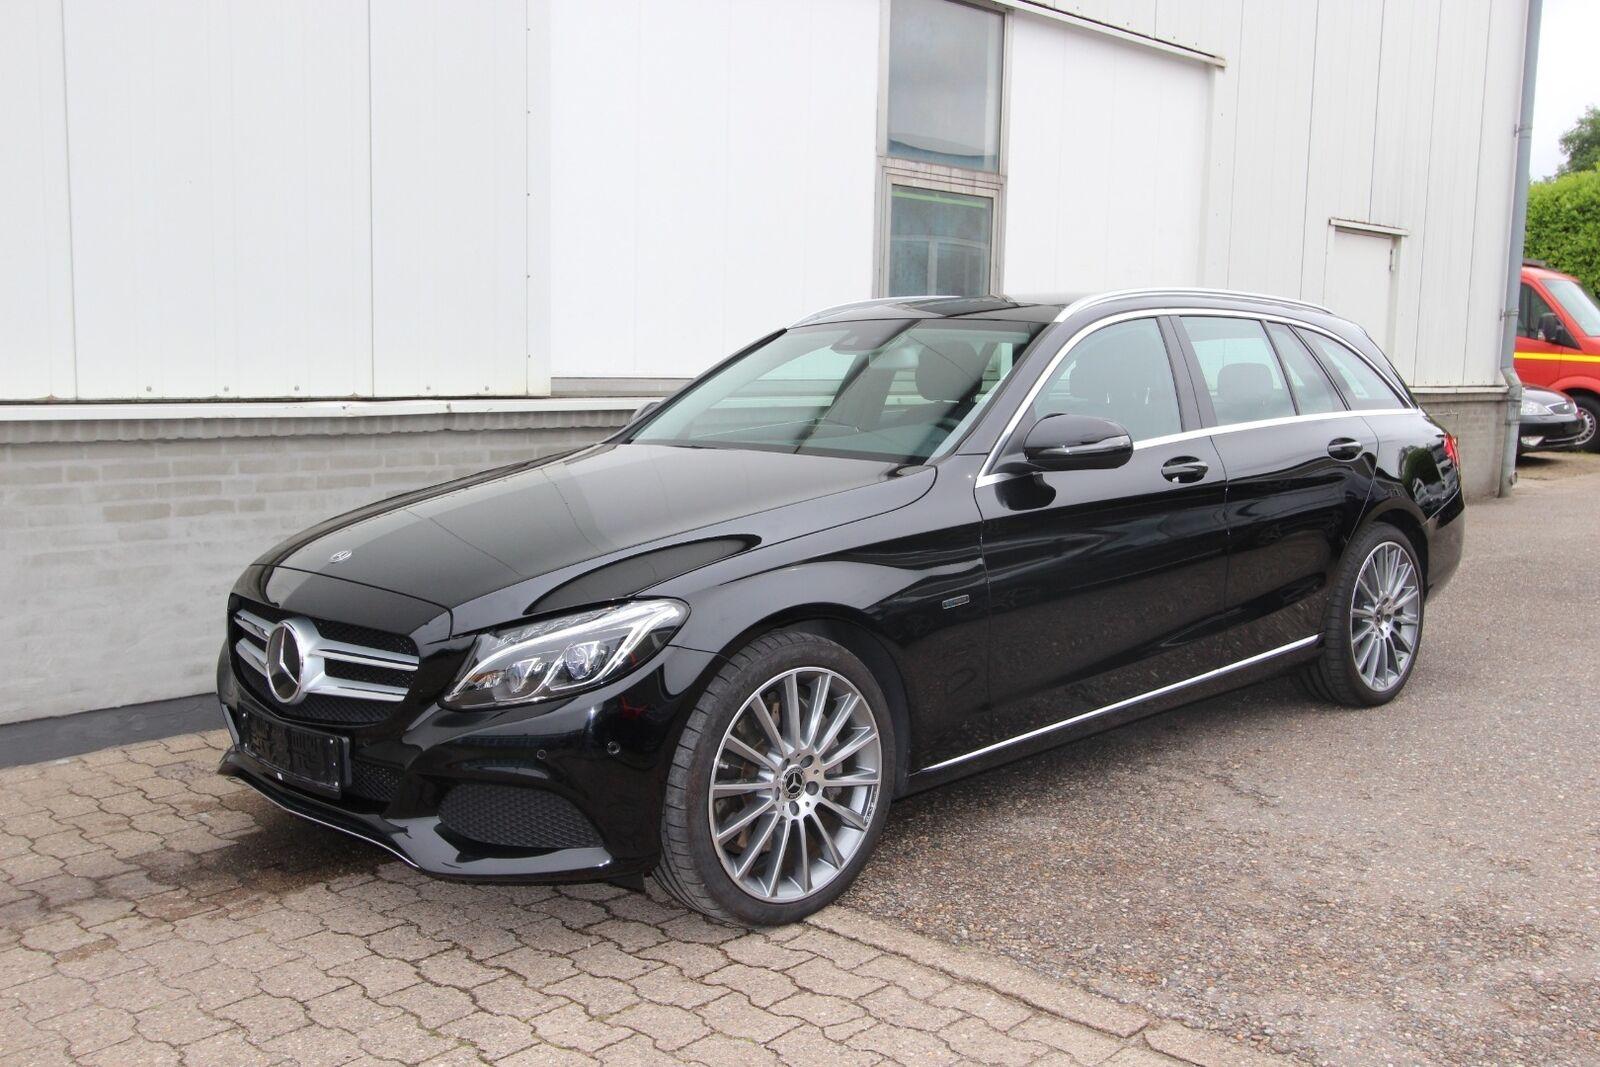 Mercedes C350 e 2,0 AMG Line stc. aut. 5d - 495.000 kr.